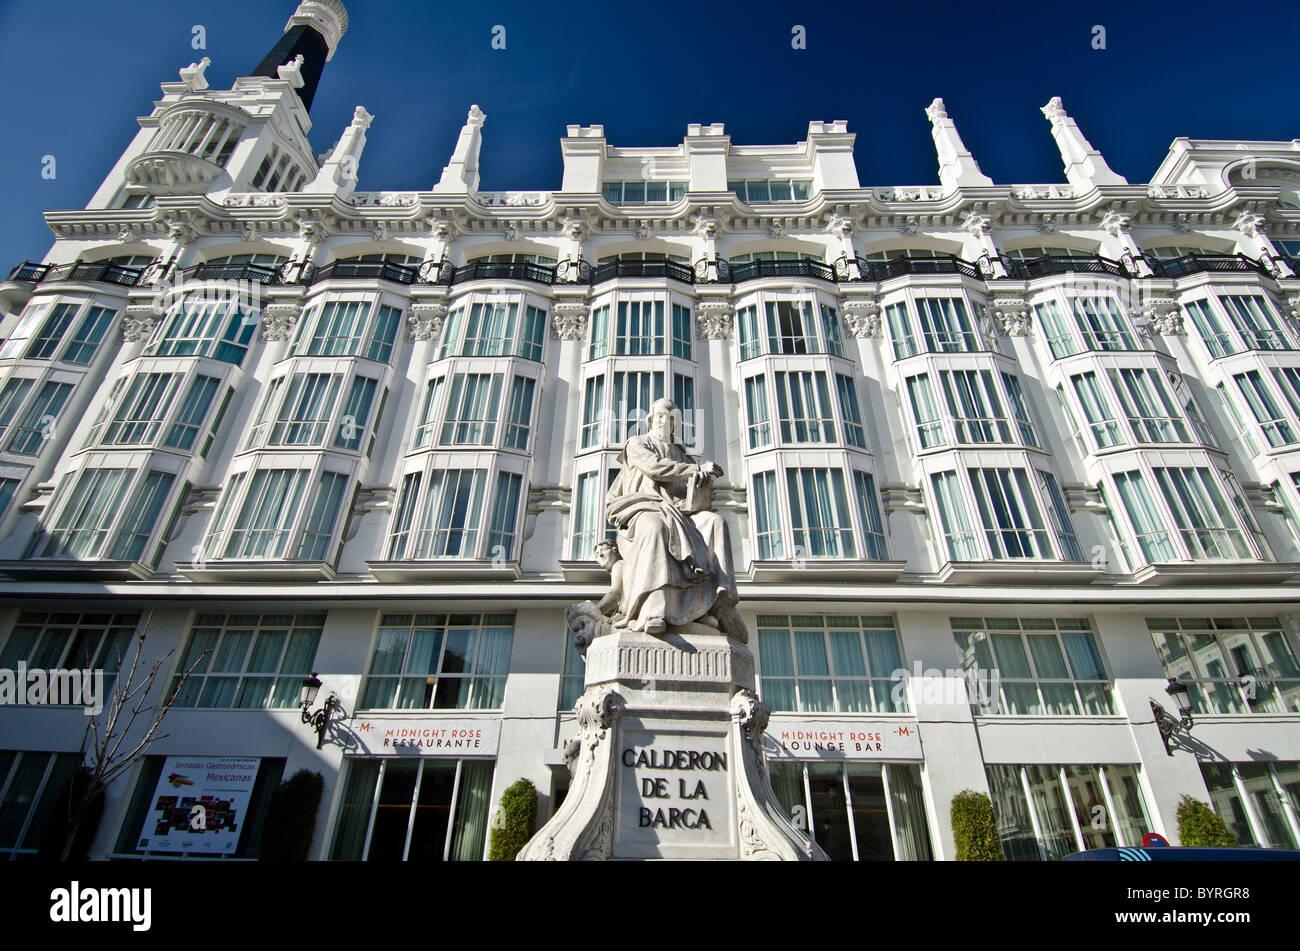 Statue of Pedro Calderon de la Barca at the Plaza de Santa Ana in Madrid - Stock Image